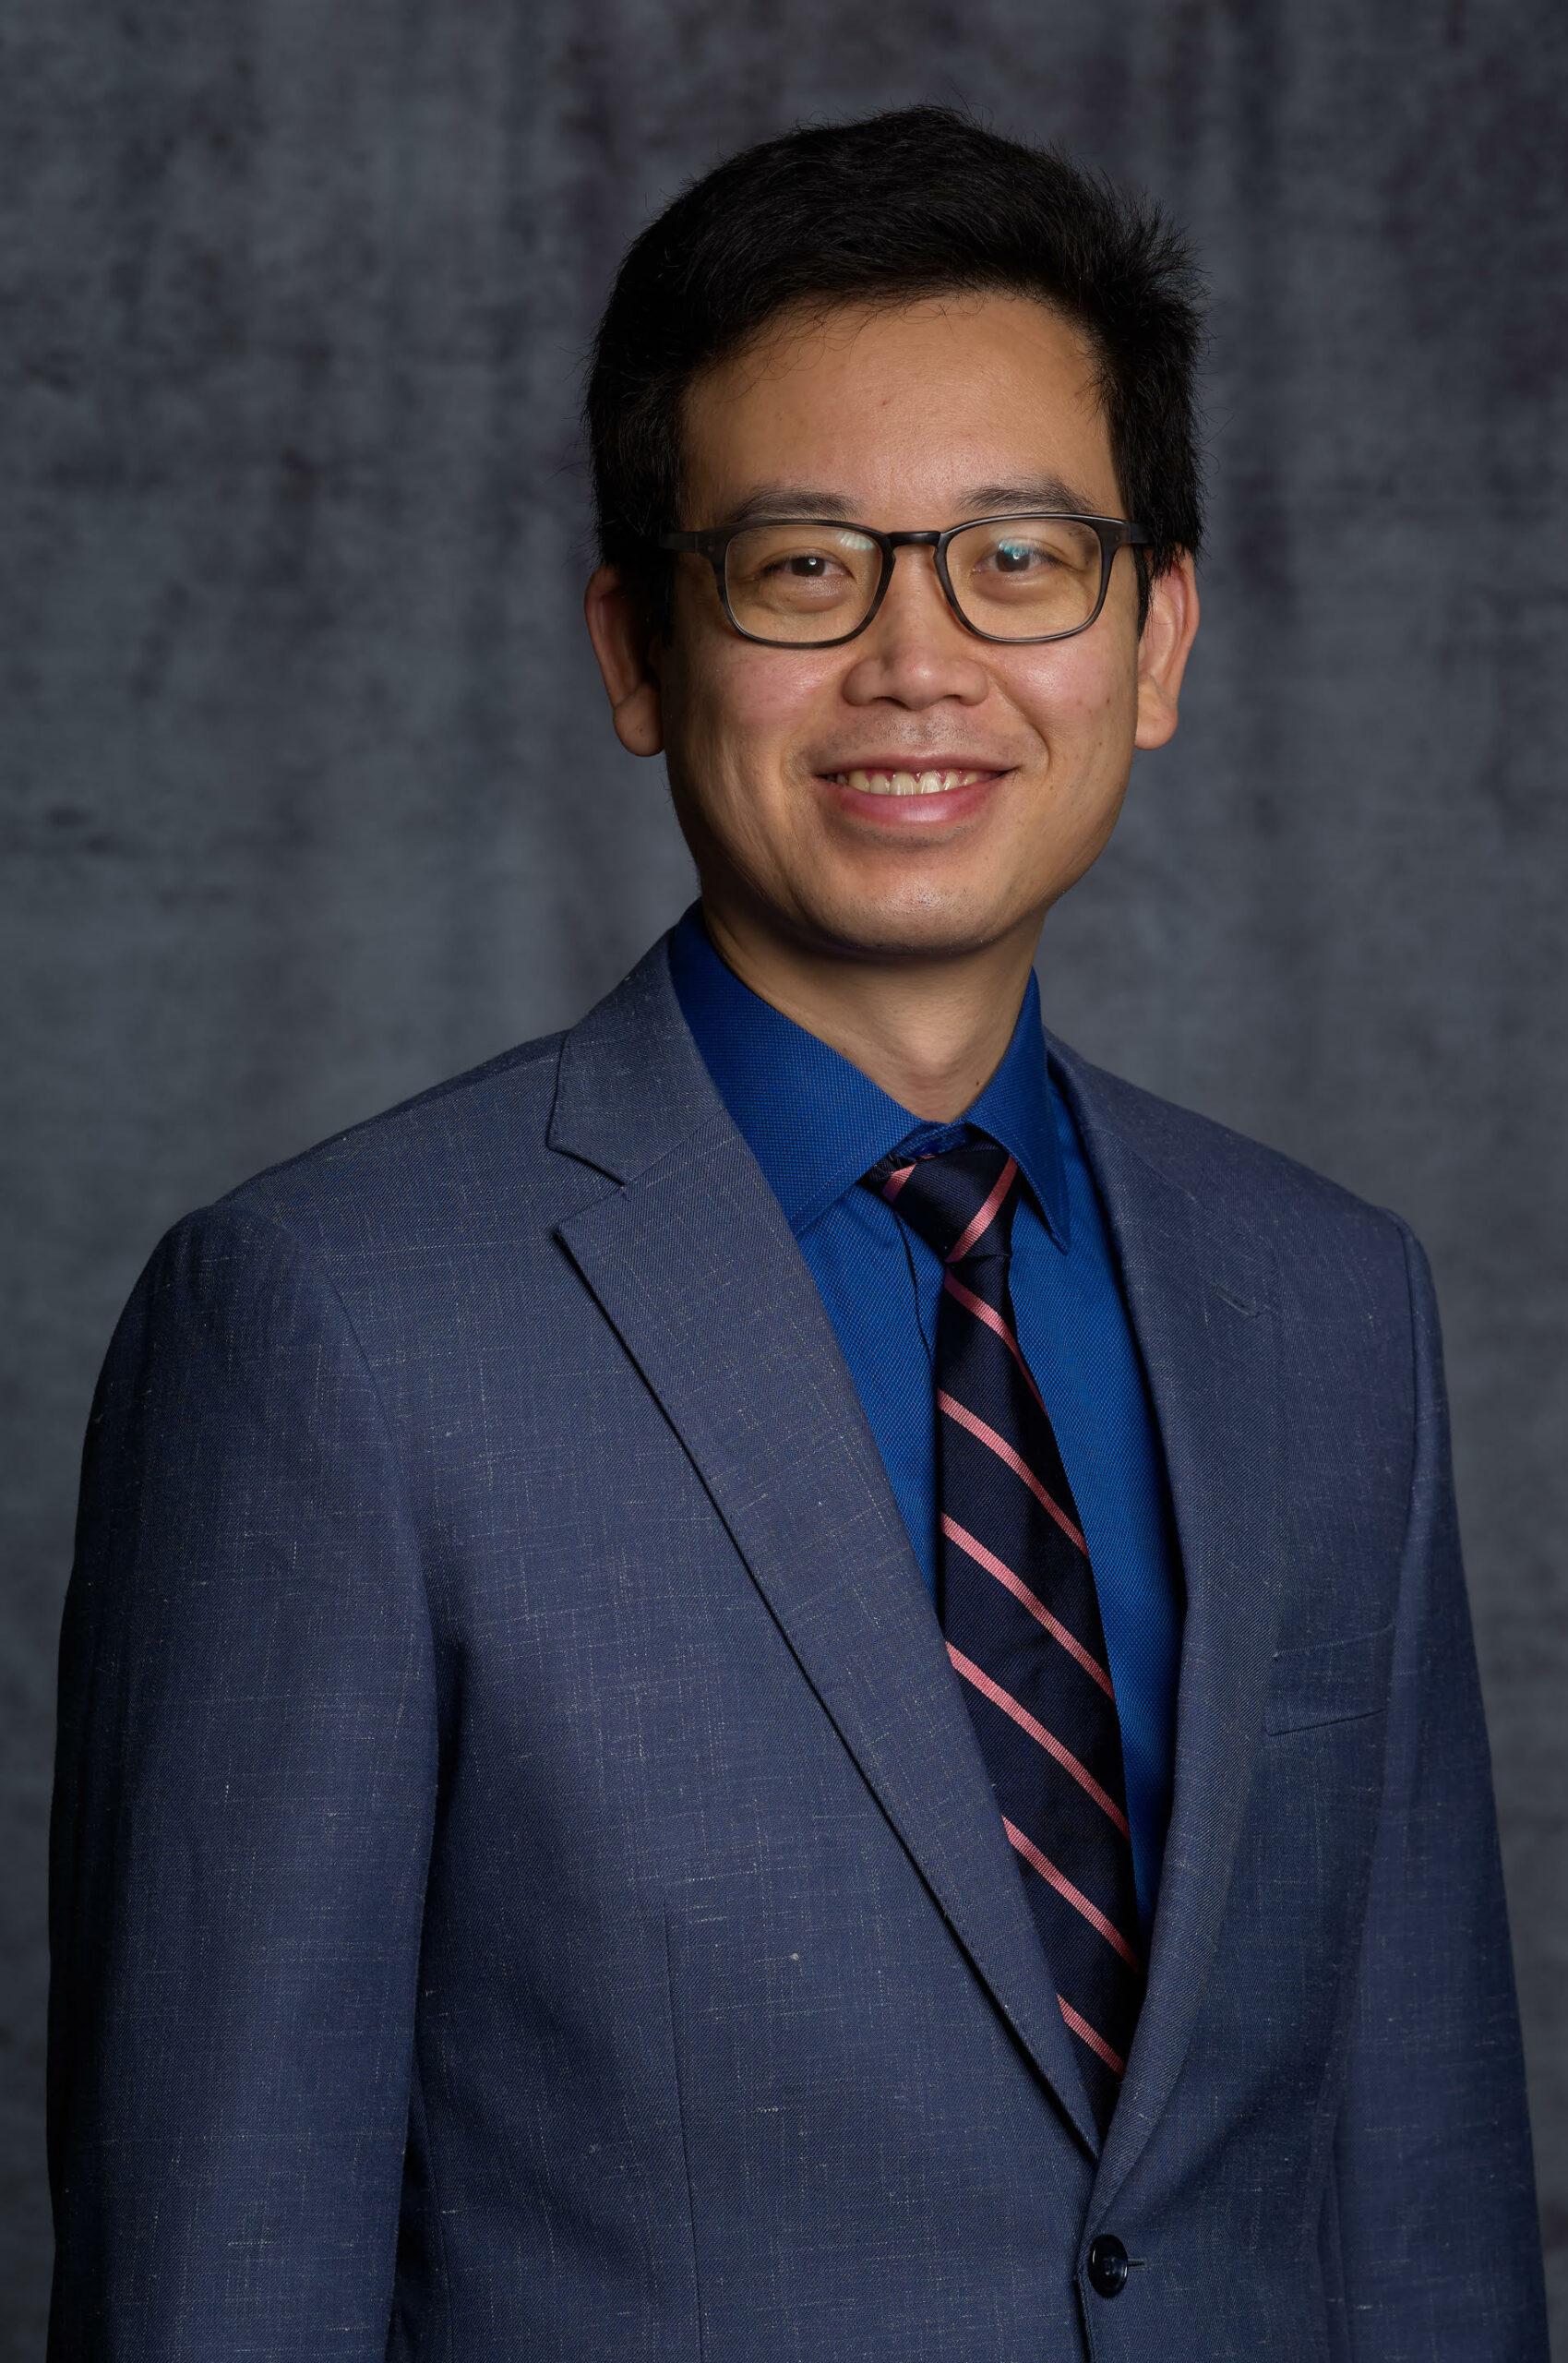 Dr. Brendan Fong